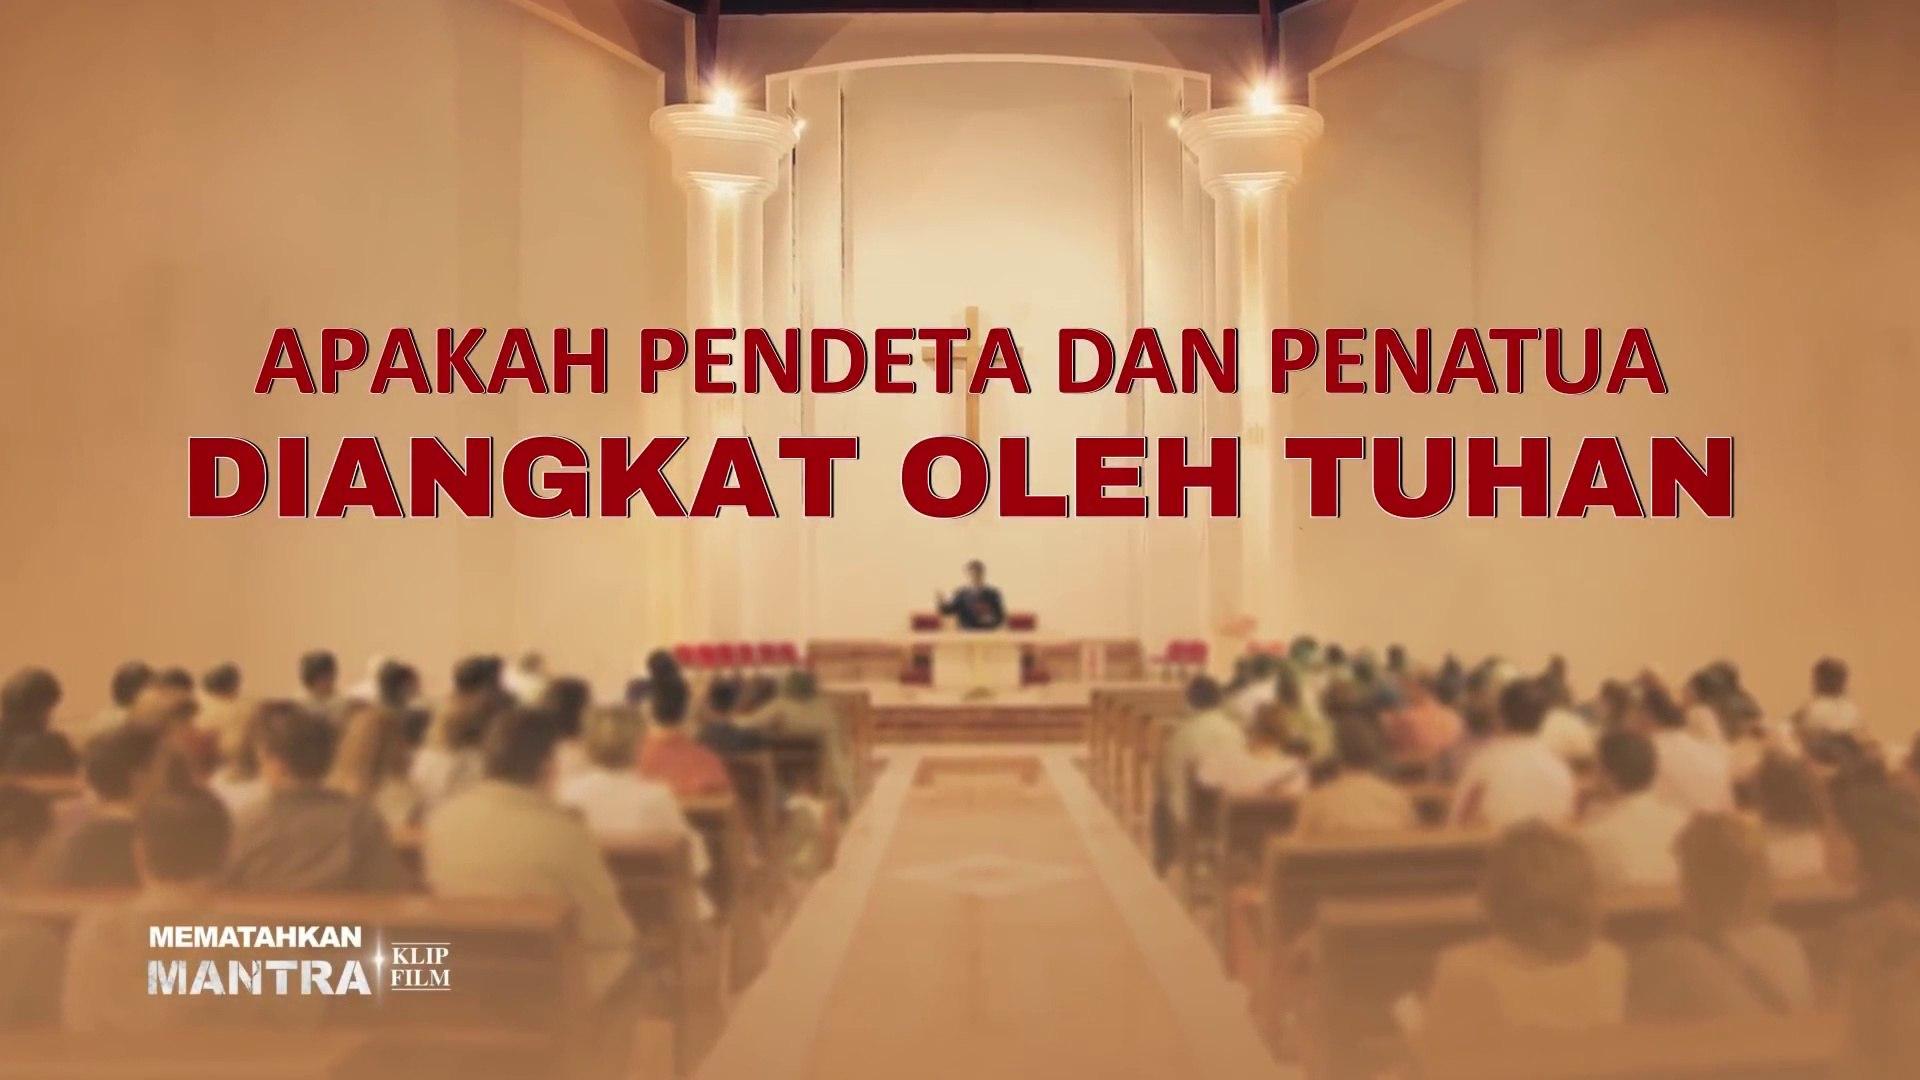 Film Rohani Kristen | Klip Film MEMATAHKAN MANTRA(5)Apakah Pendeta Dan Penatua Diangkat Oleh Tuhan